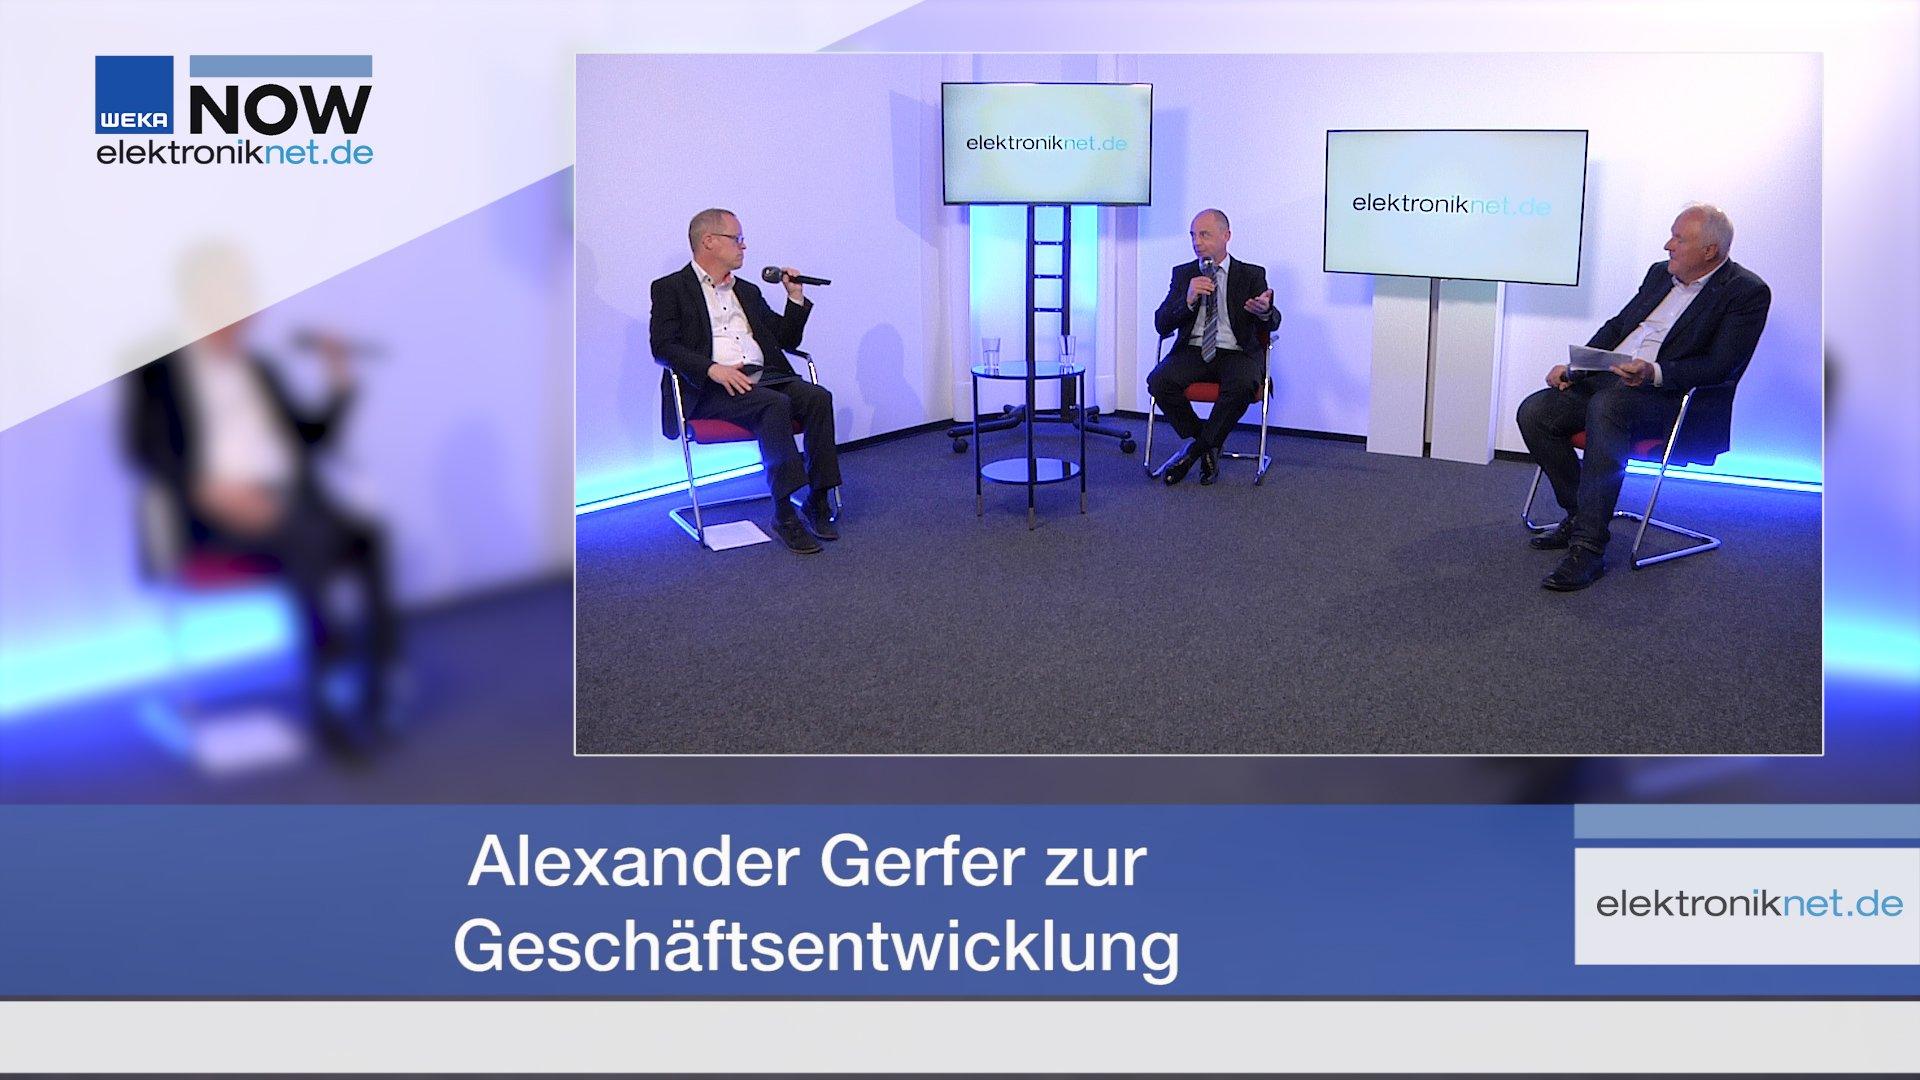 Alexander Gerfer zur Geschäftsentwicklung